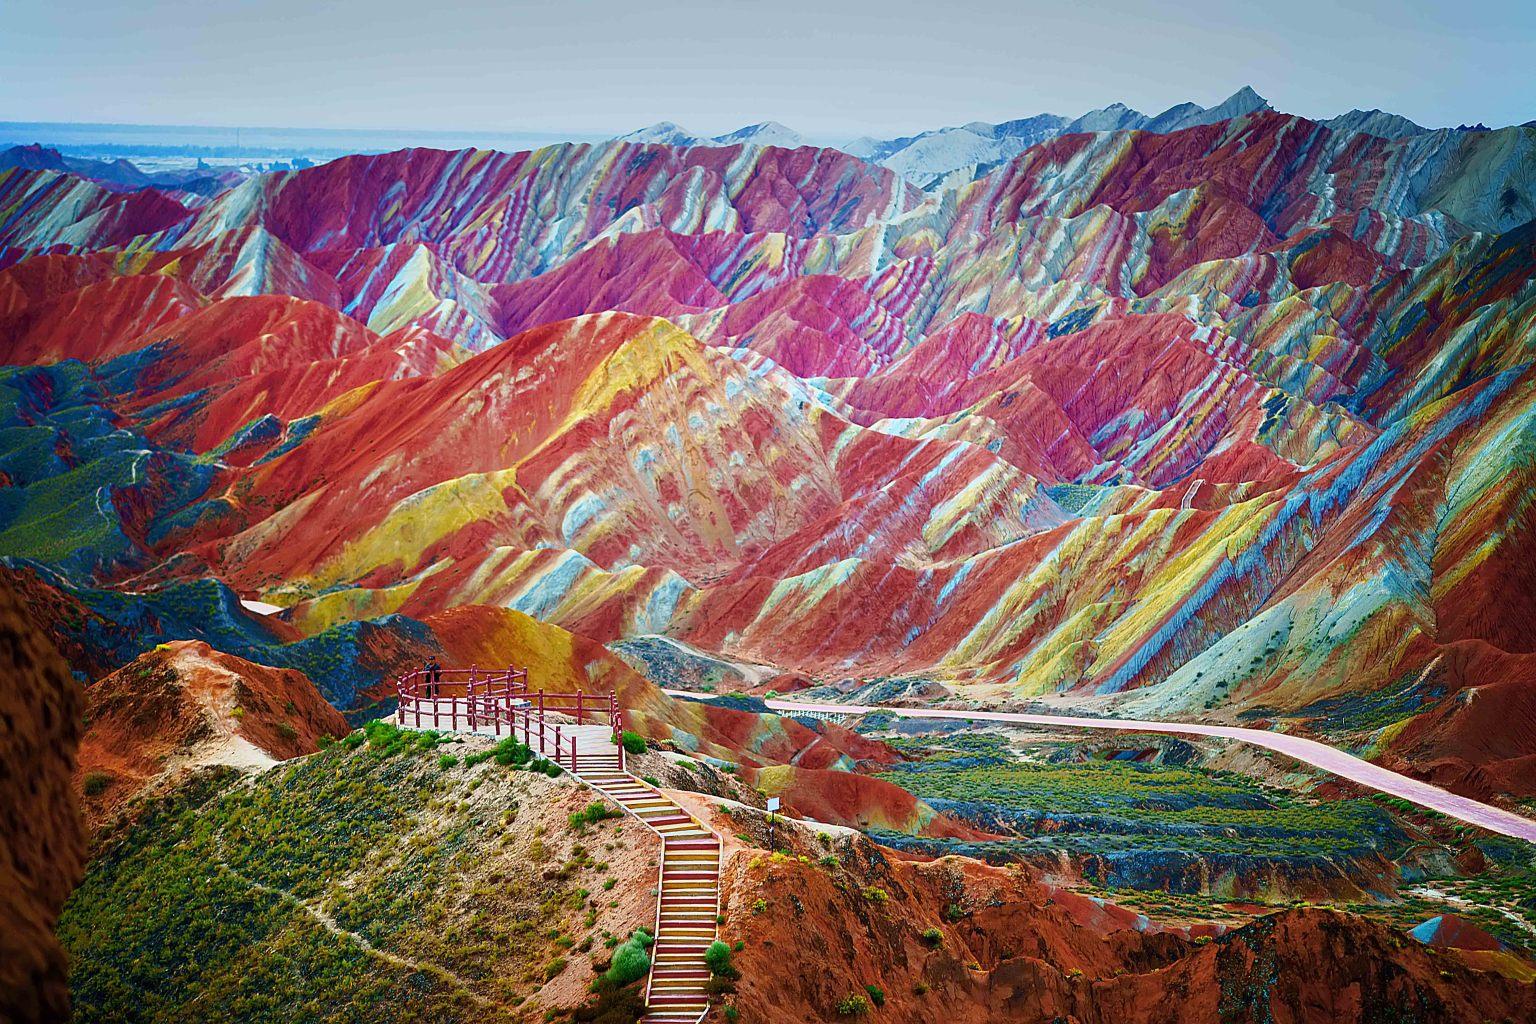 Un munte ca u curcubel, este regiunea Danxia, unică în lume